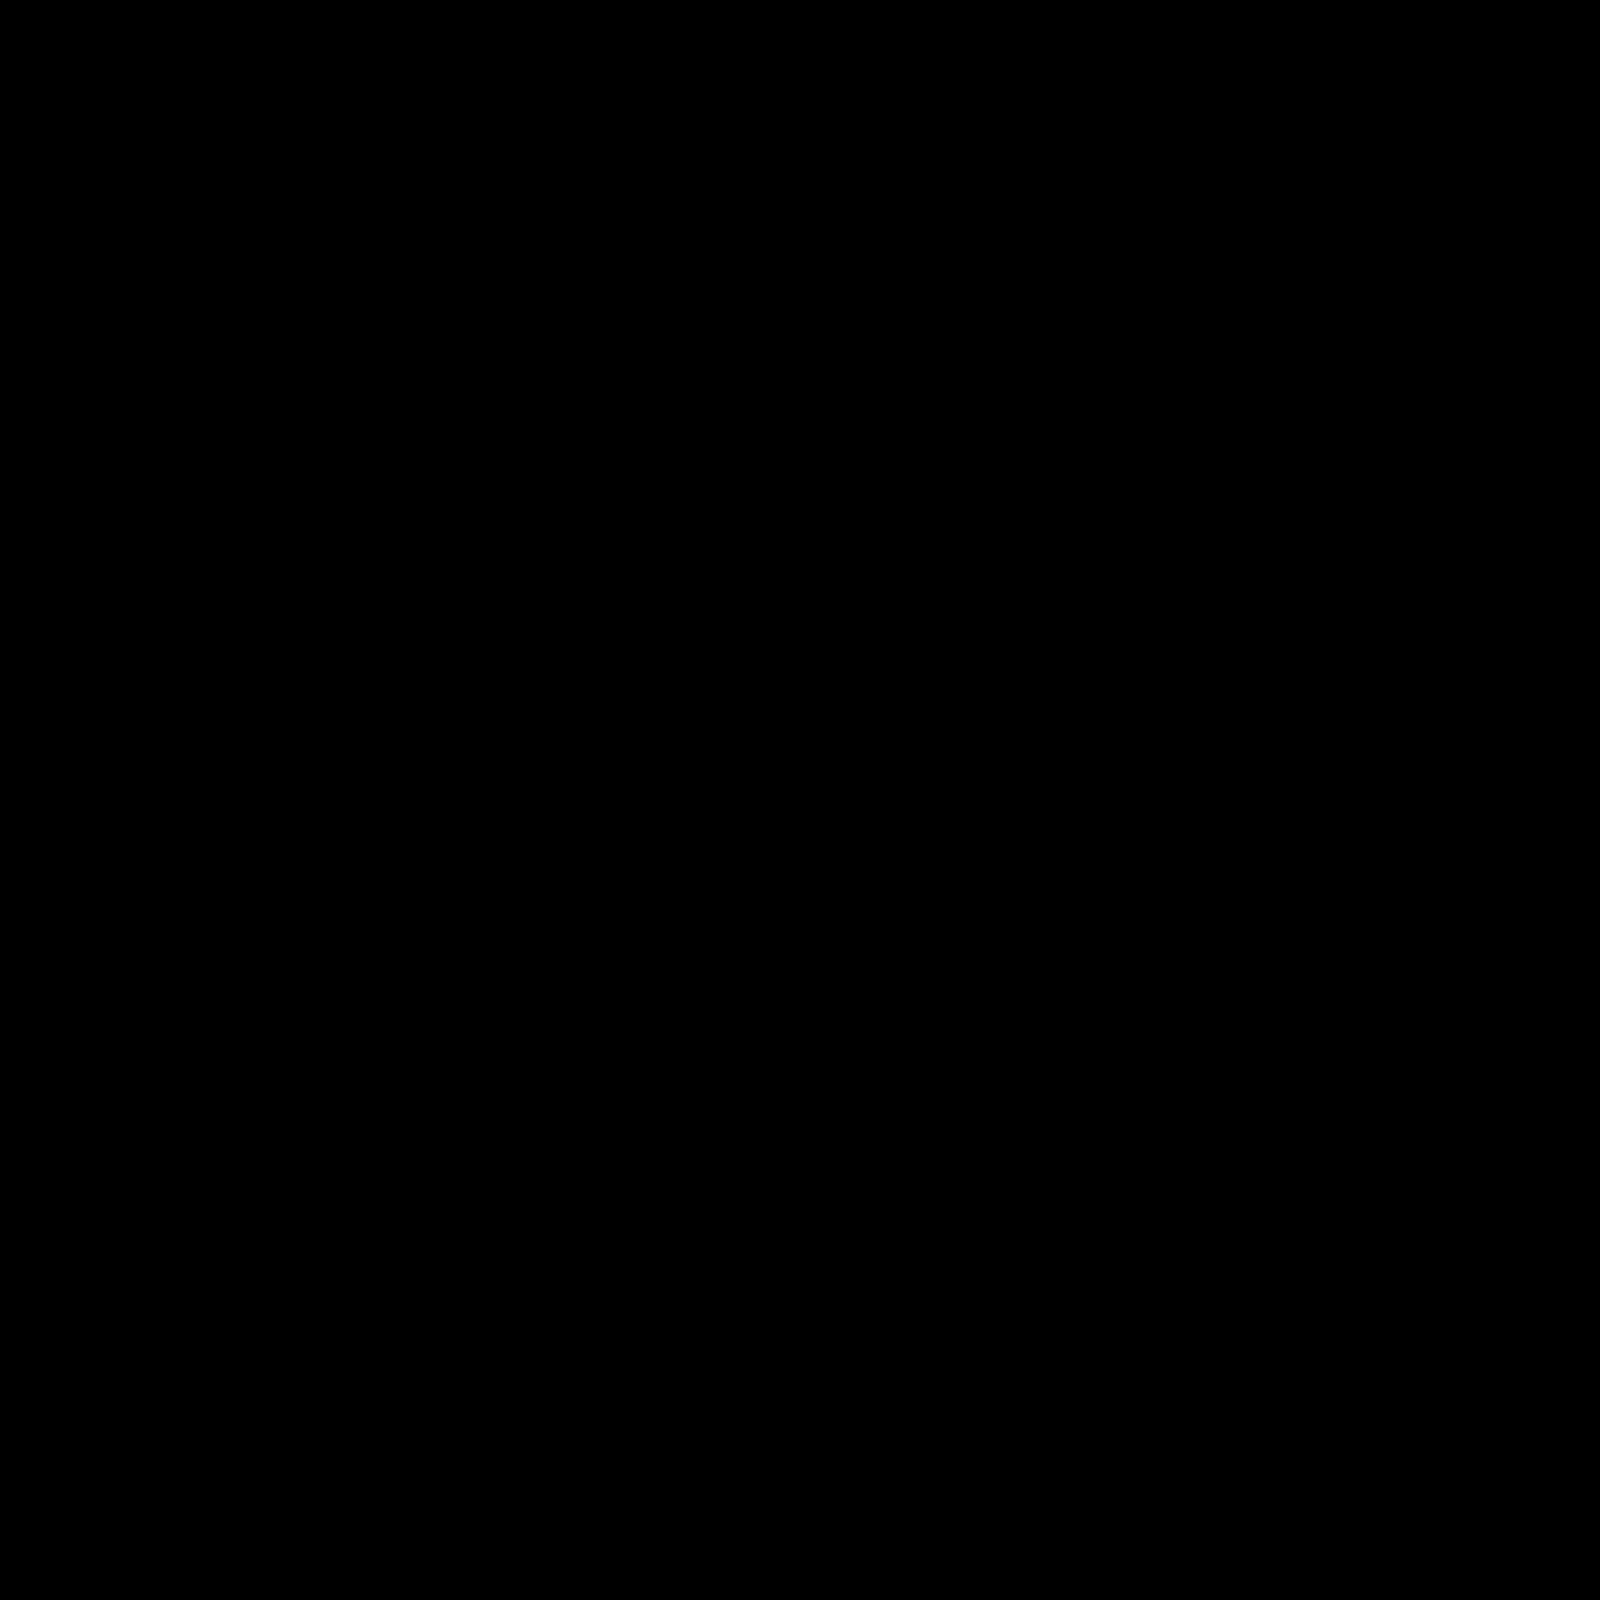 Соусник icon